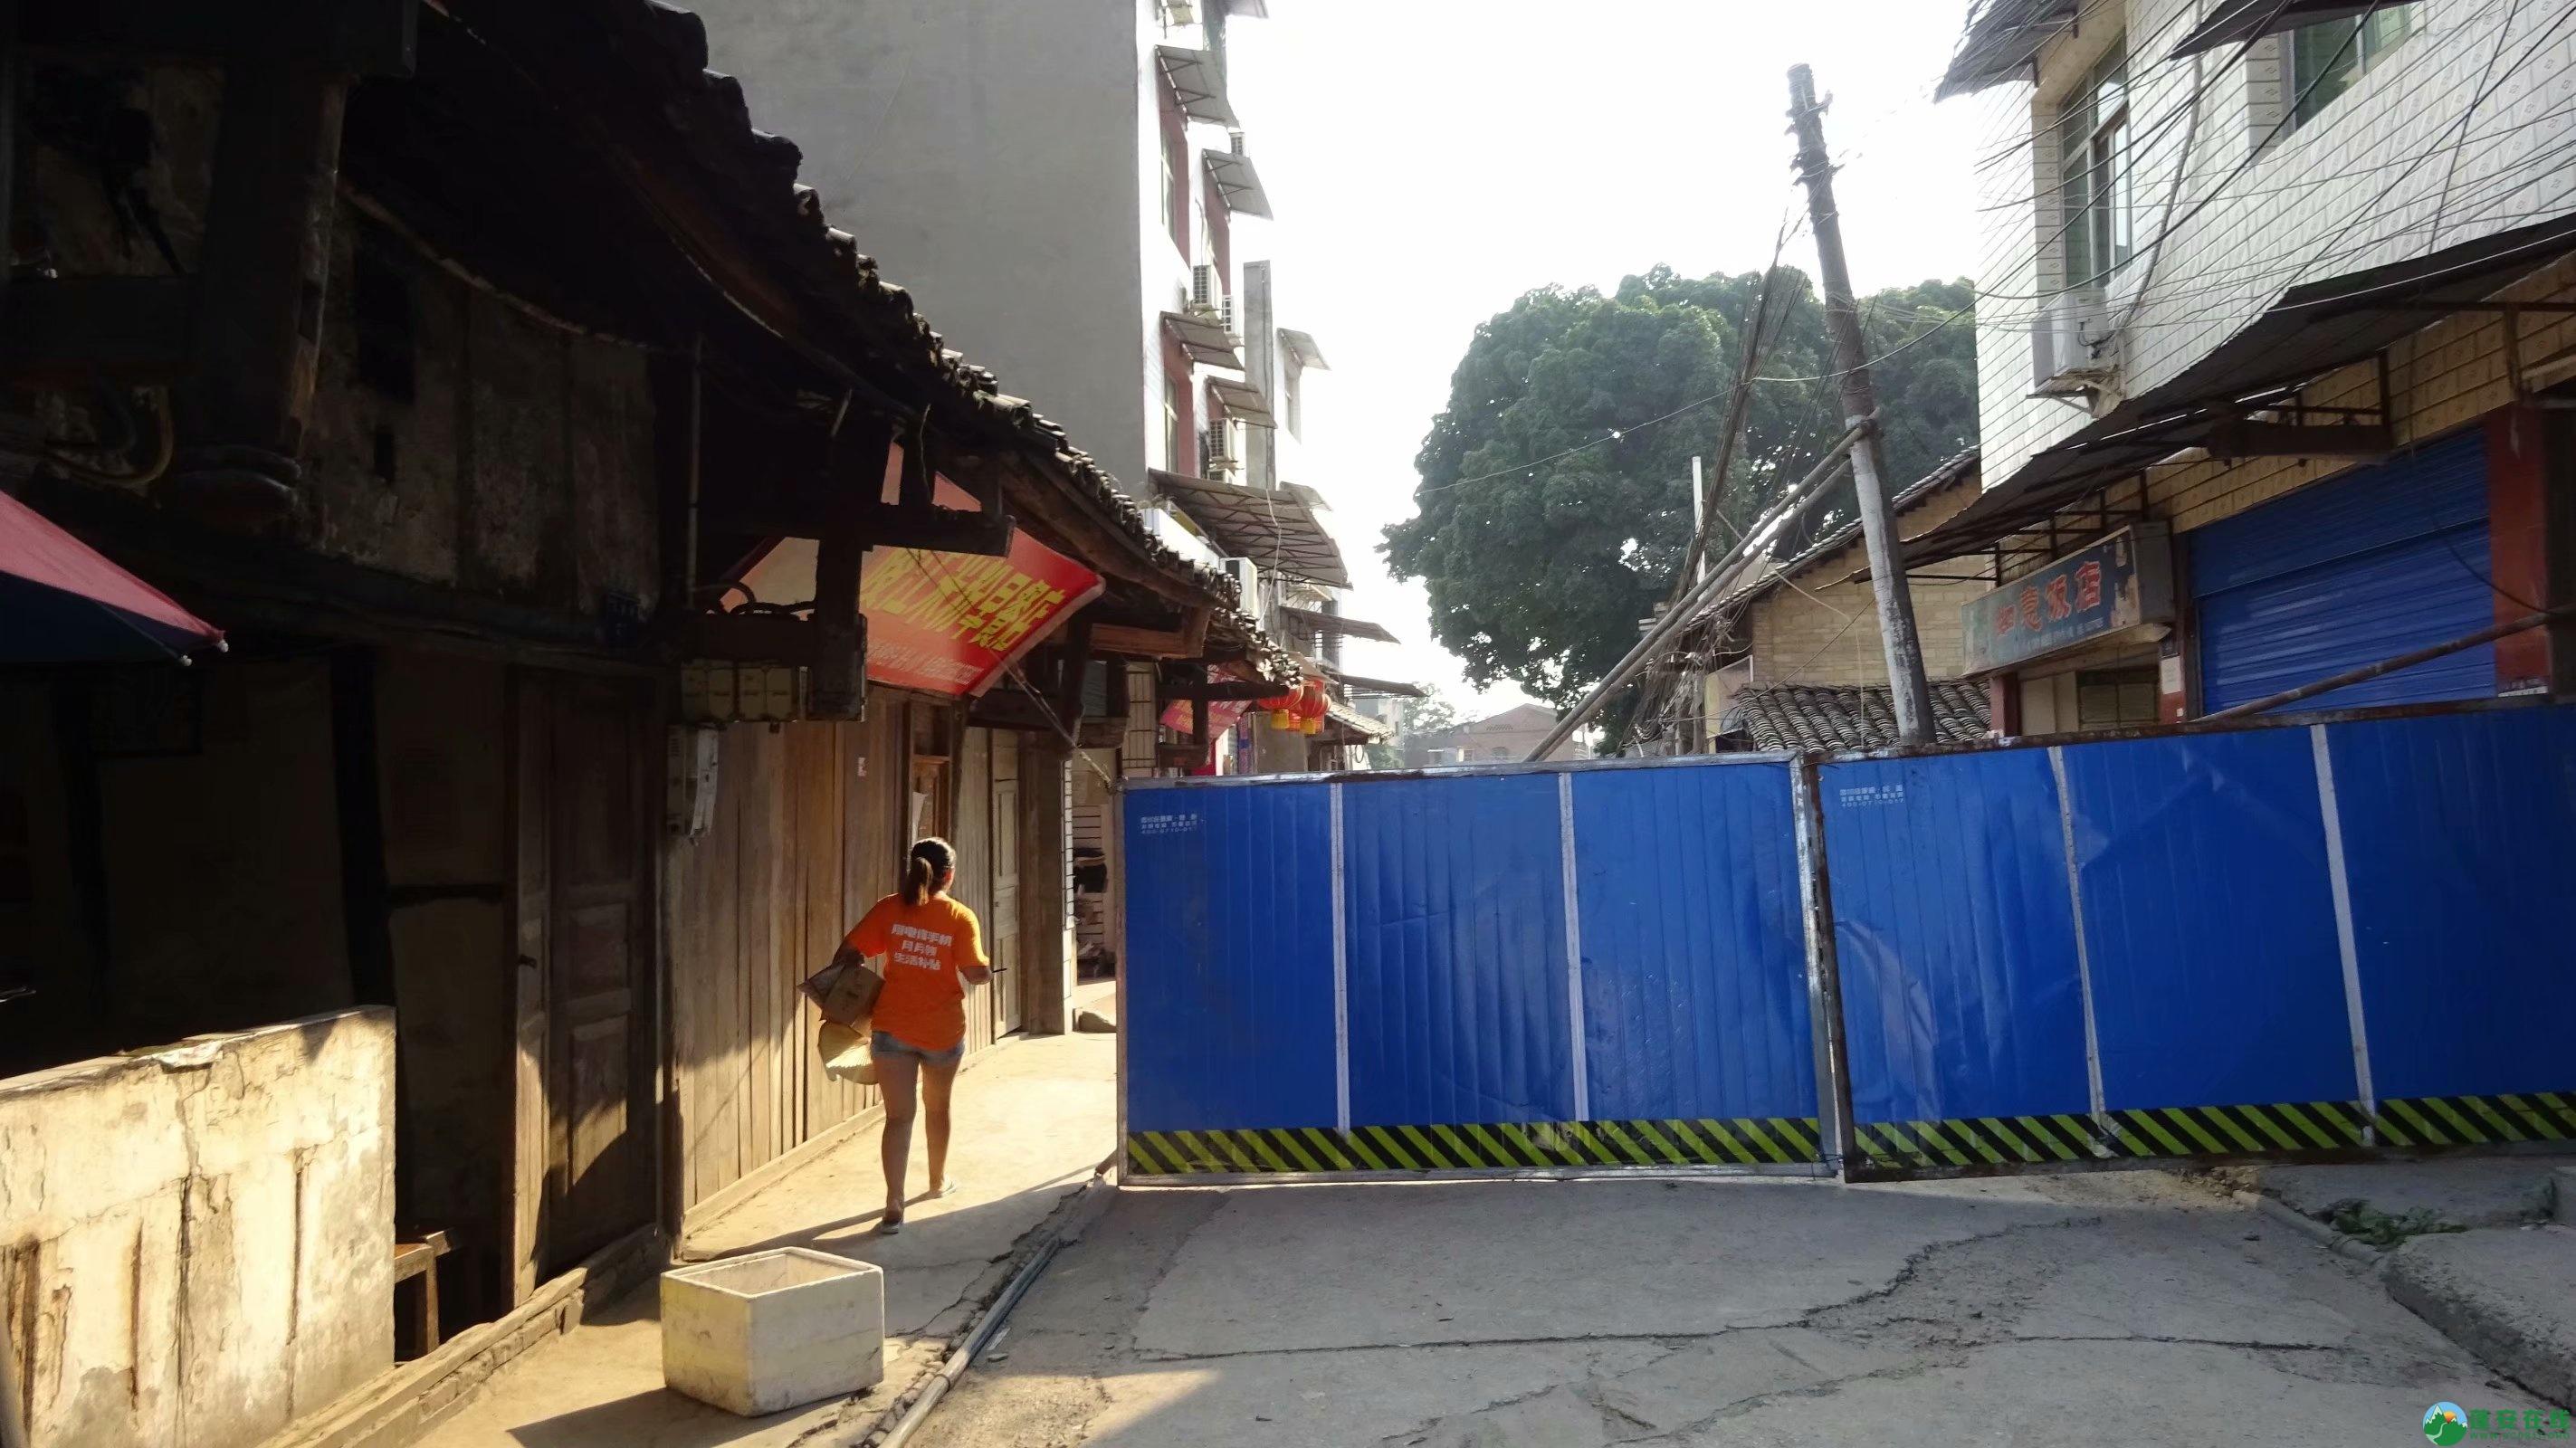 蓬安锦屏相如故城建设迅猛 - 第17张  | 蓬安在线